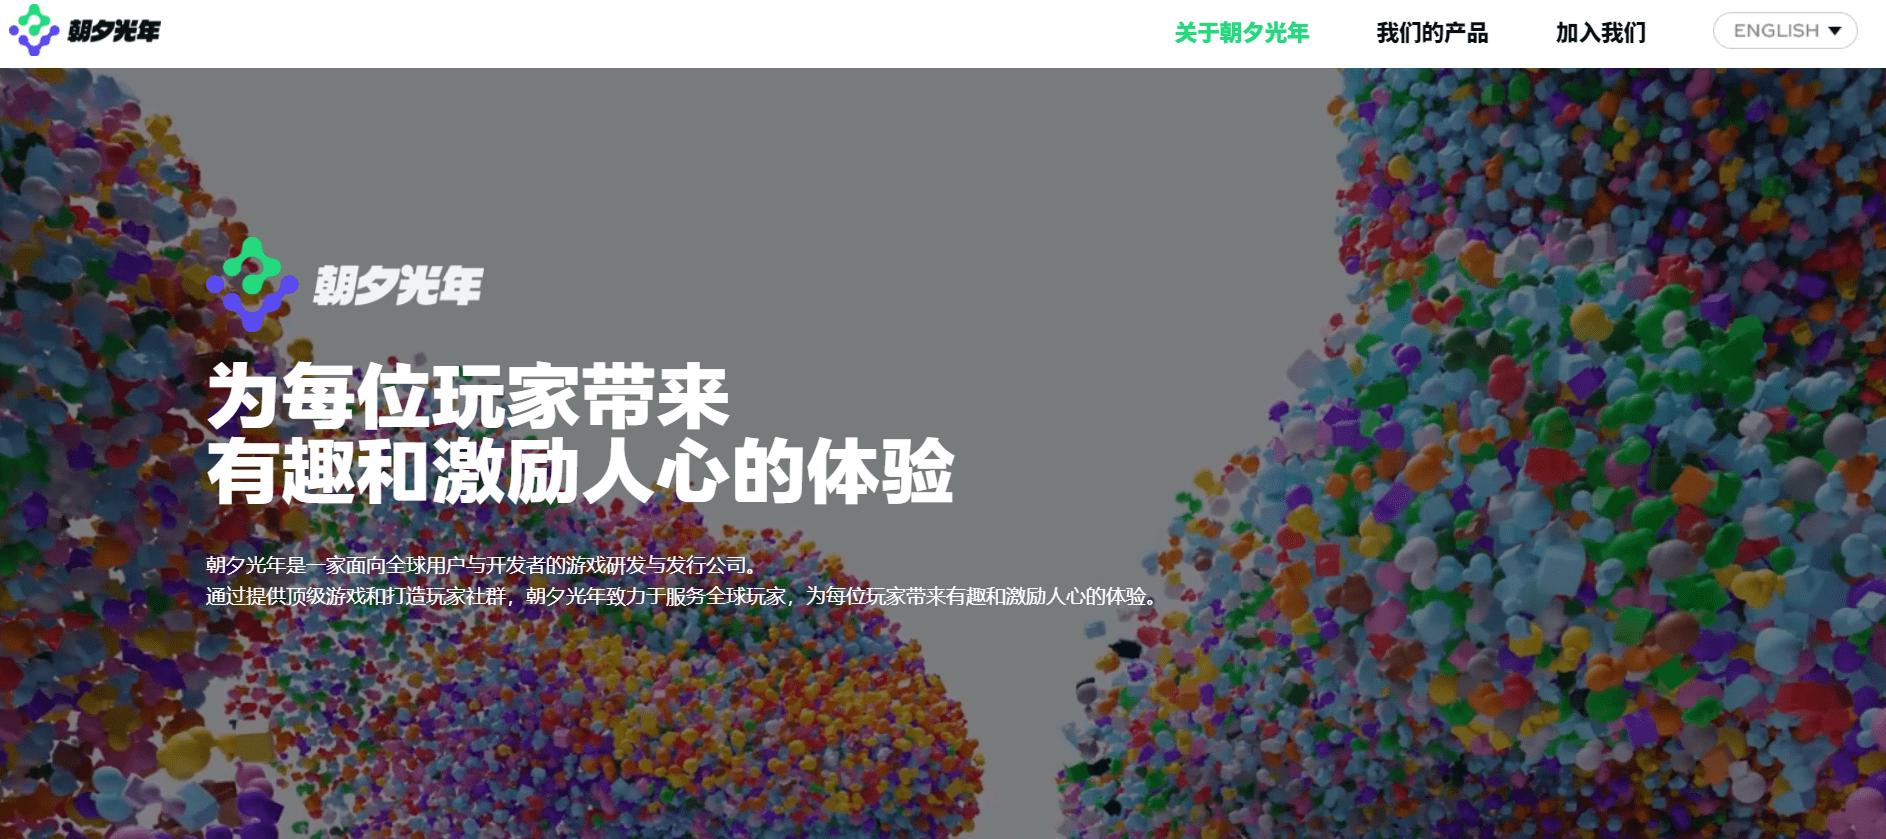 天顺平台开户-首页【1.1.8】  第1张